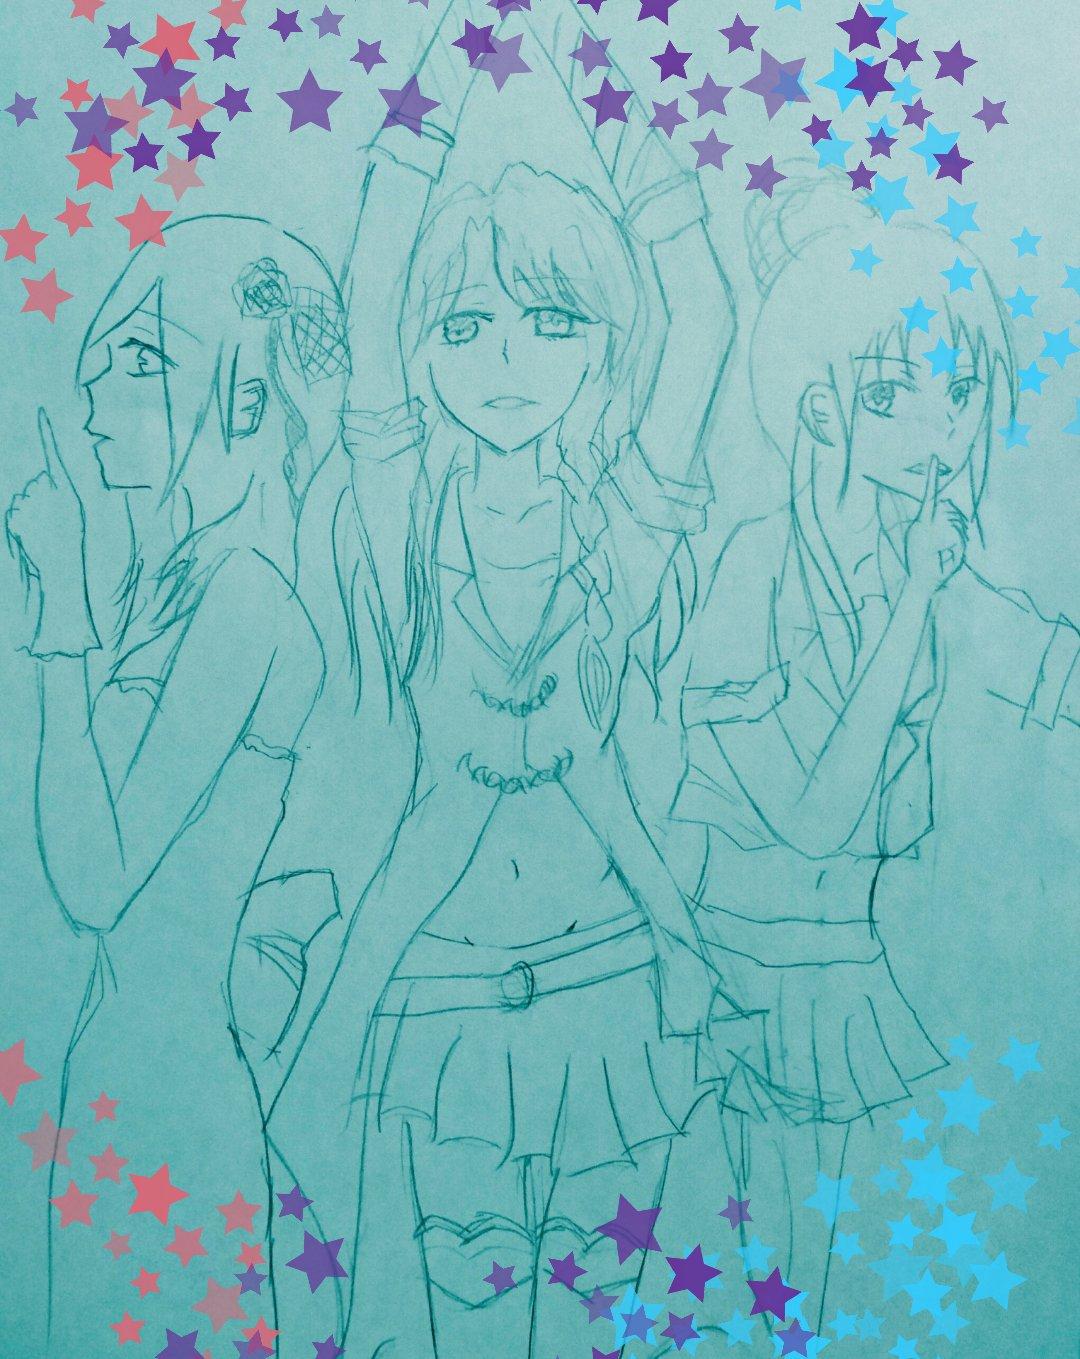 奏 Yuuki【お絵描き用】 (@Kanade001836)さんのイラスト